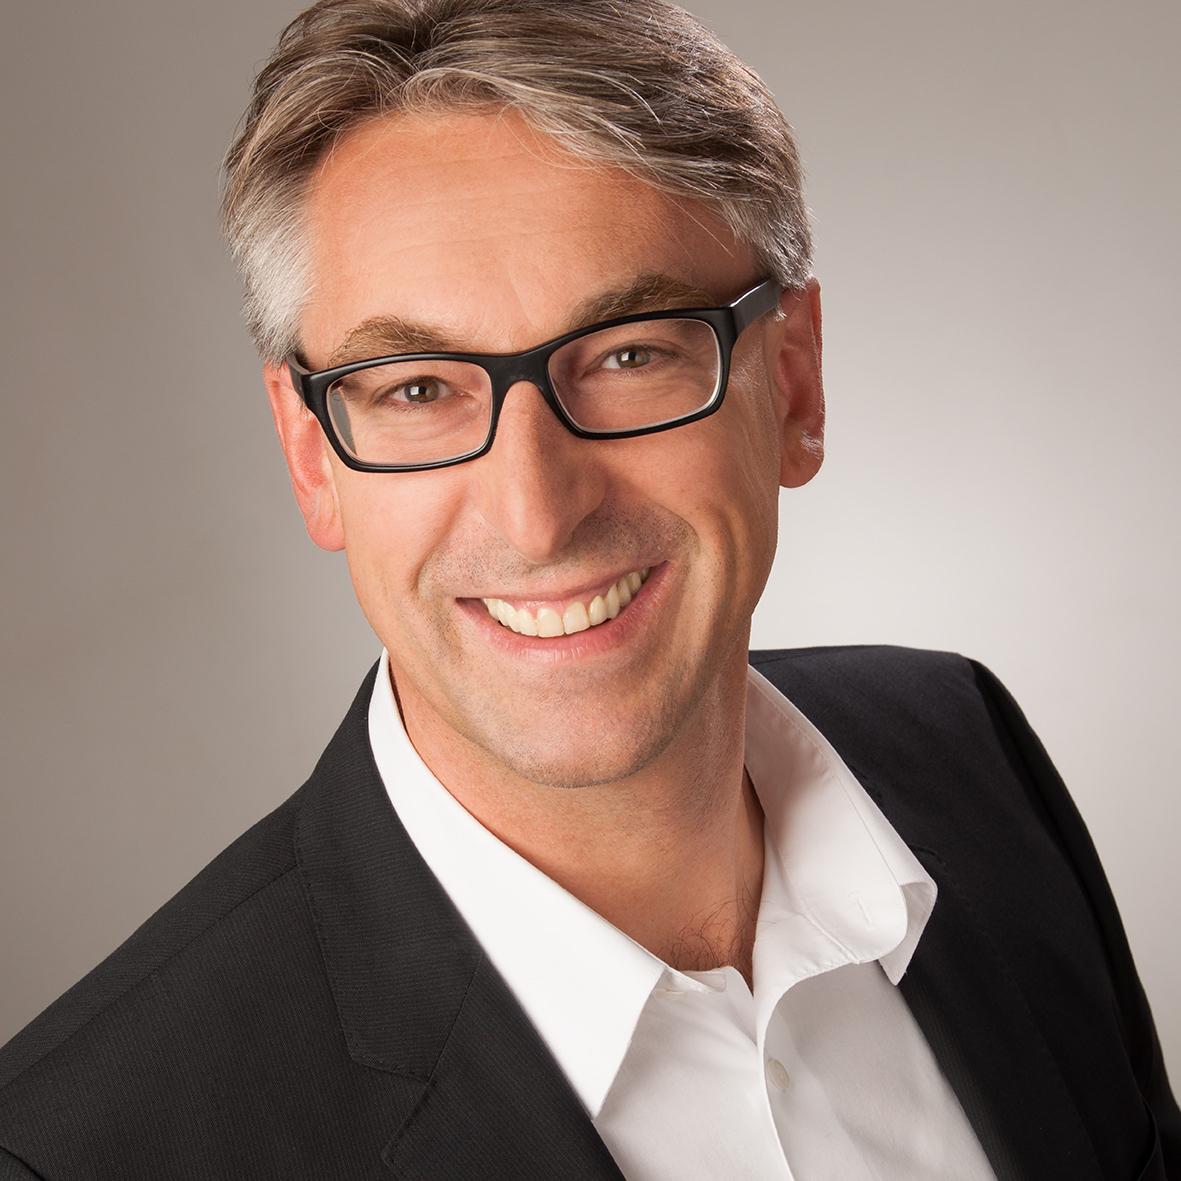 Klaus G. Kammermeier